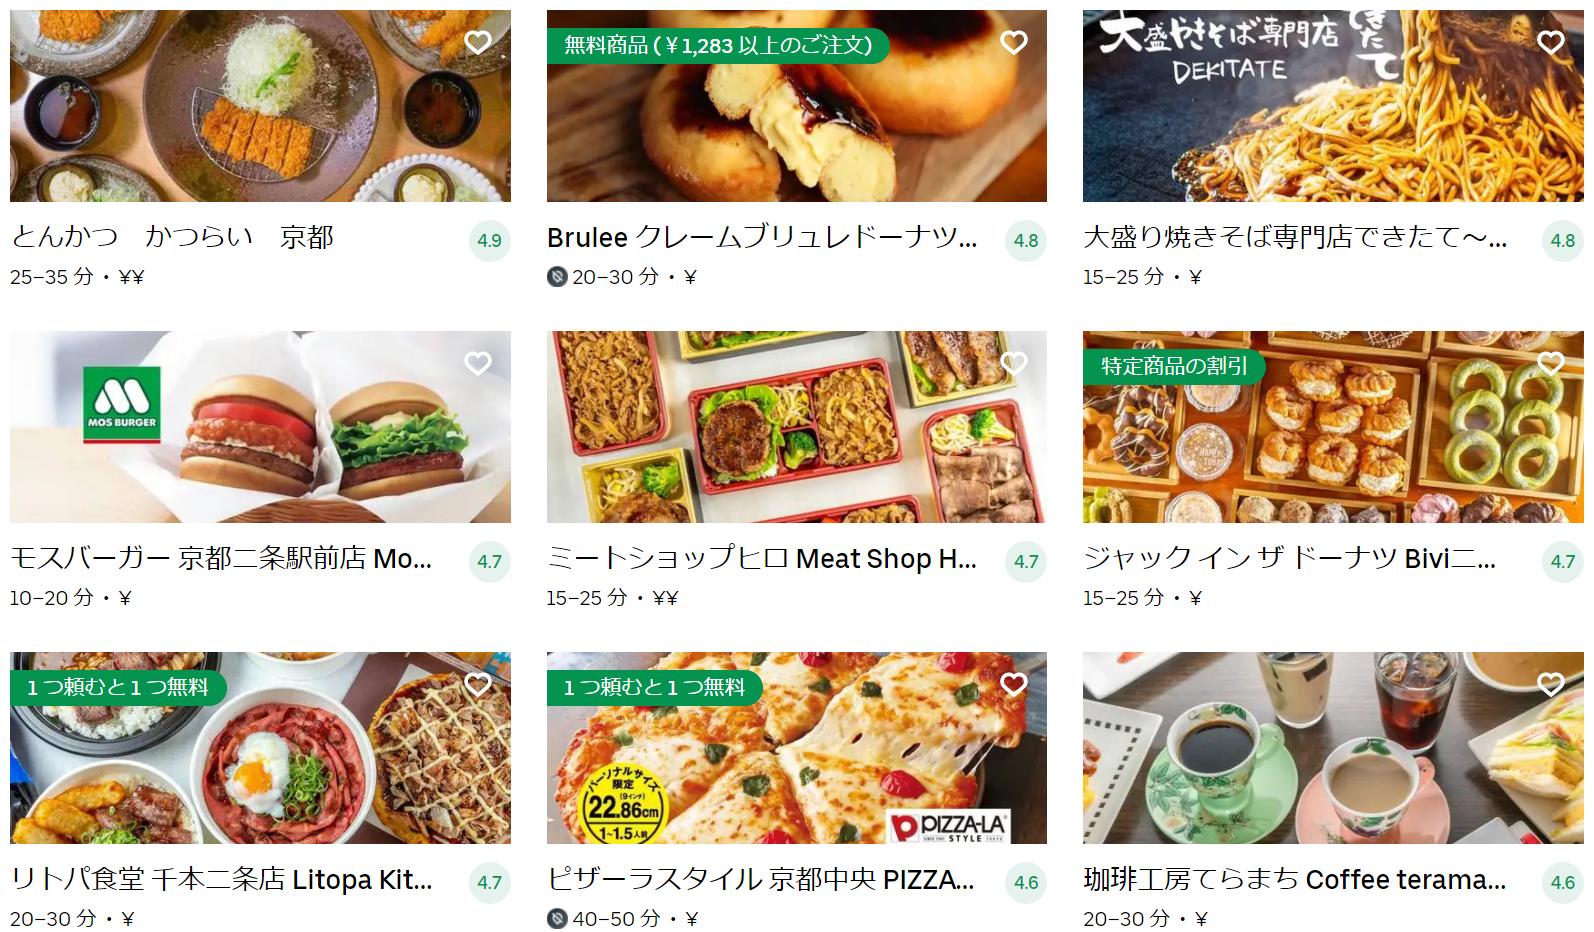 京都市中京区エリアのおすすめUber Eats(ウーバーイーツ)メニュー